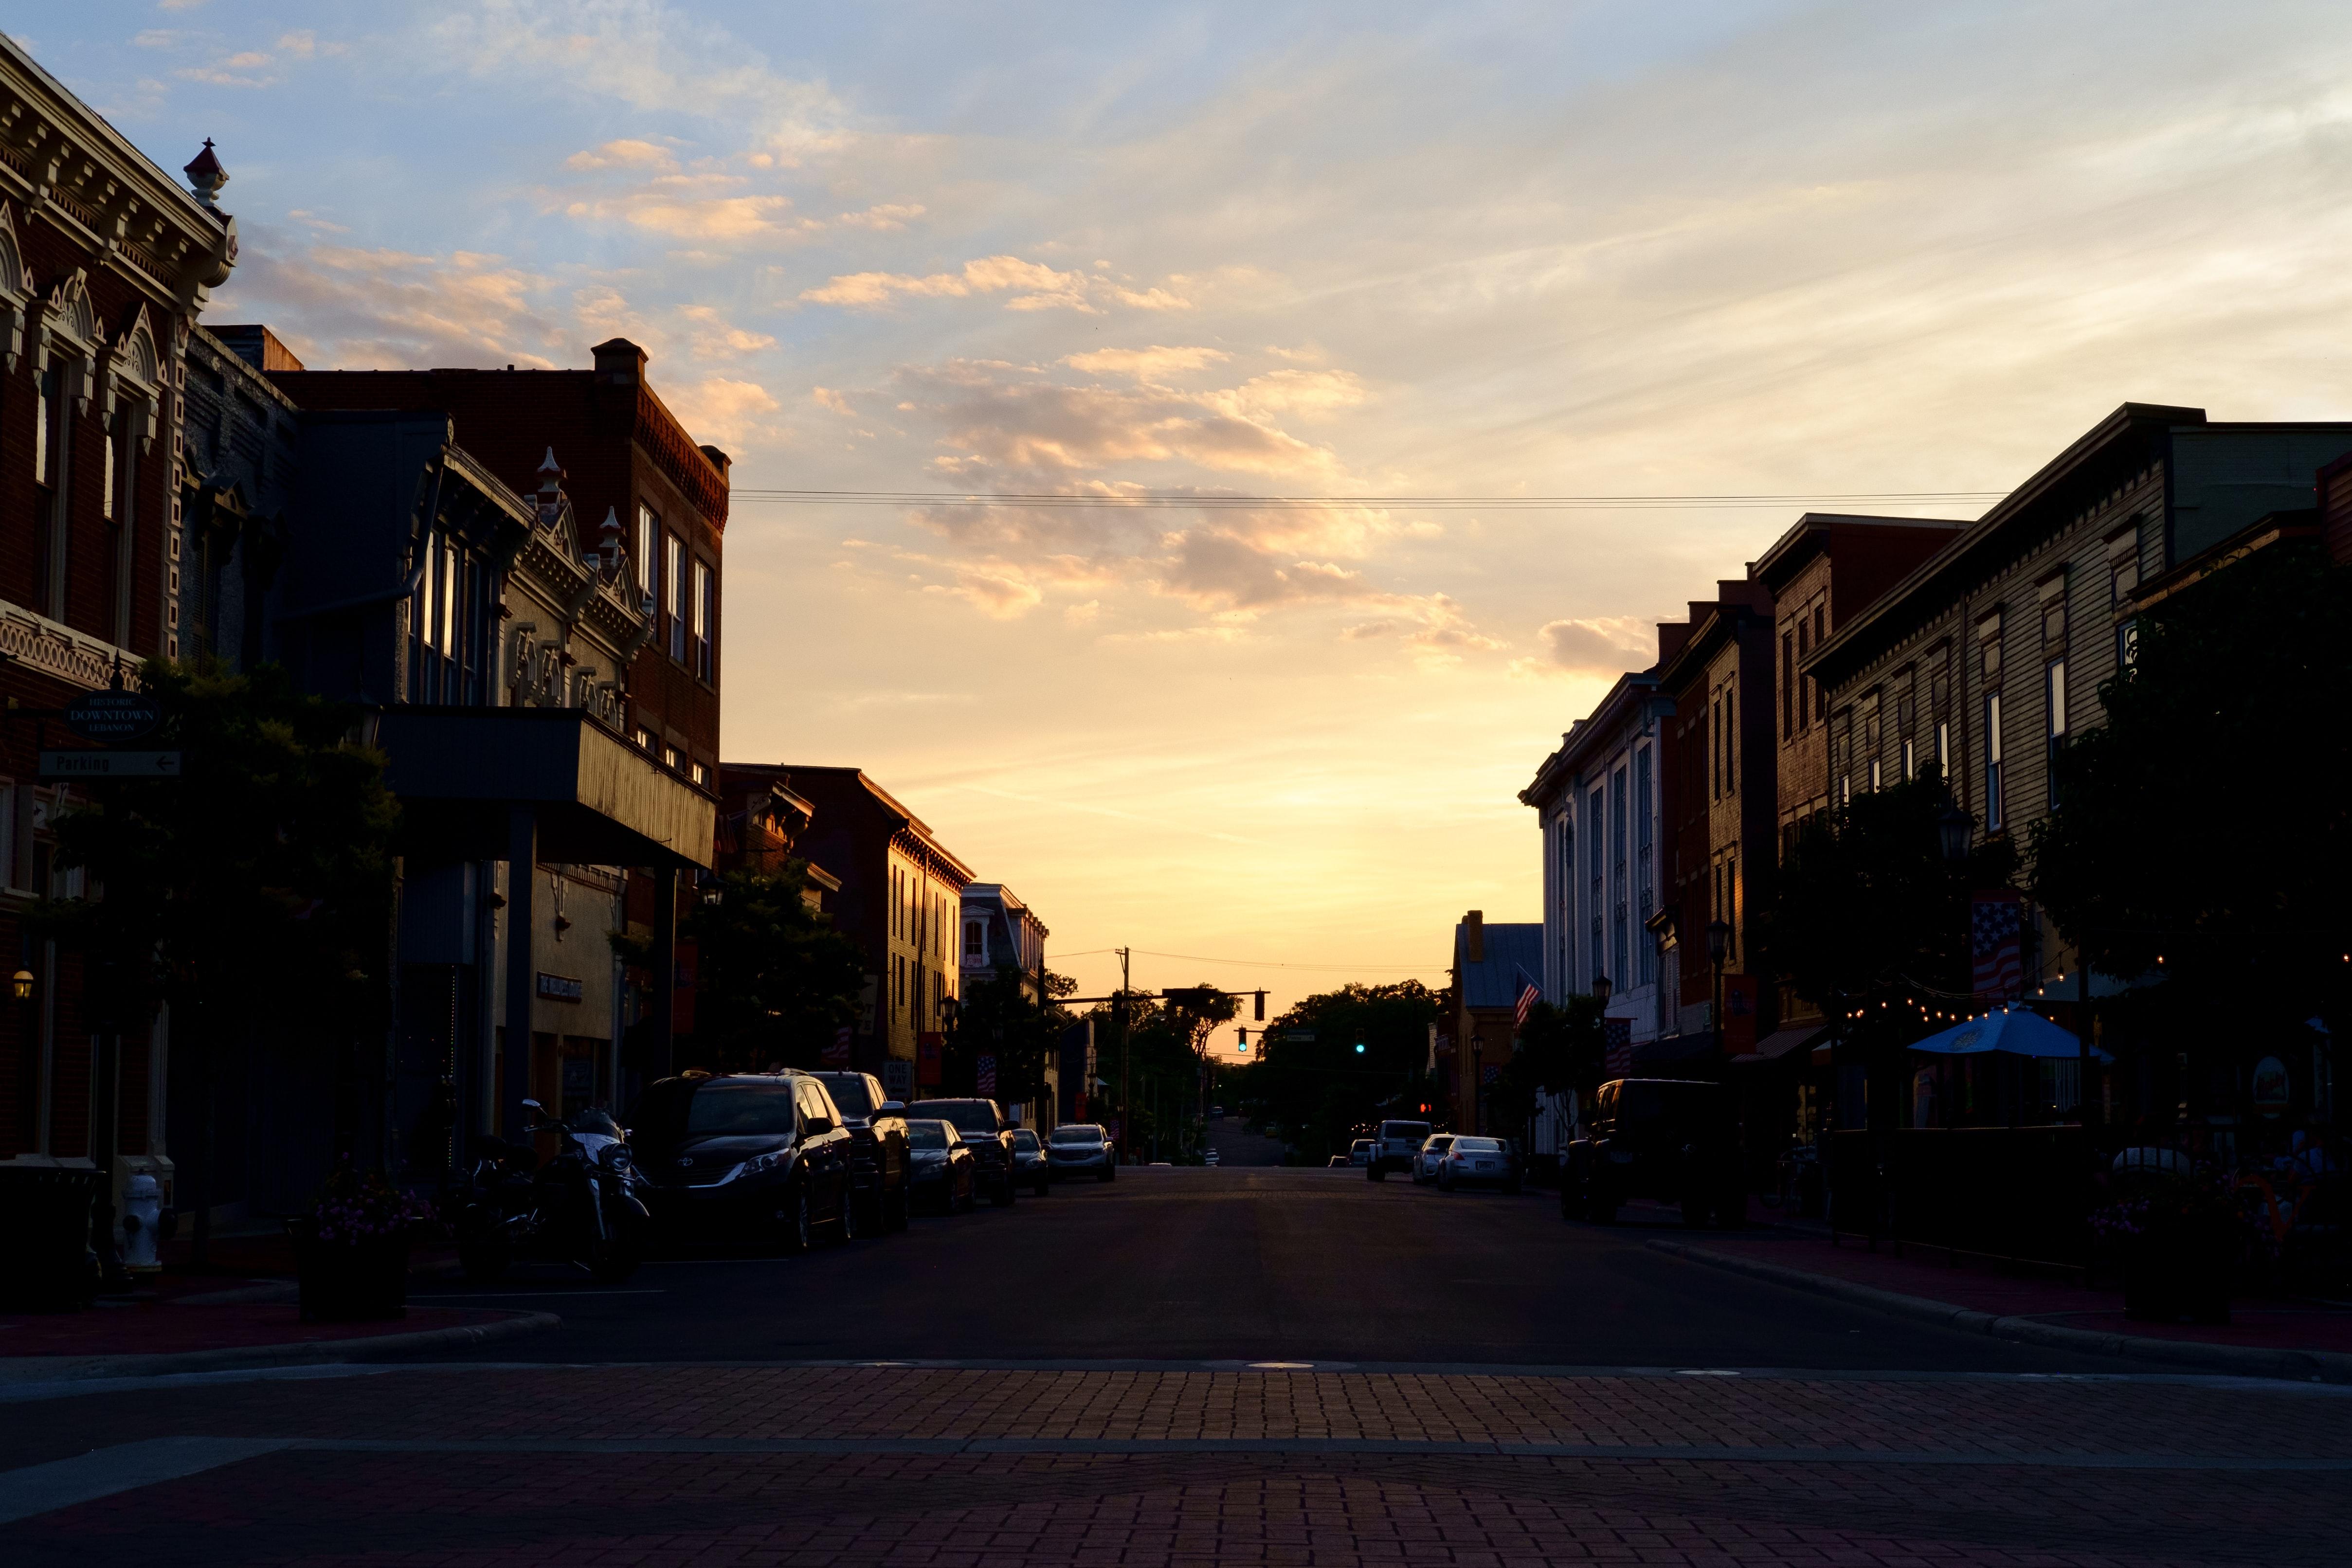 Sunset in Lebanon, Ohio